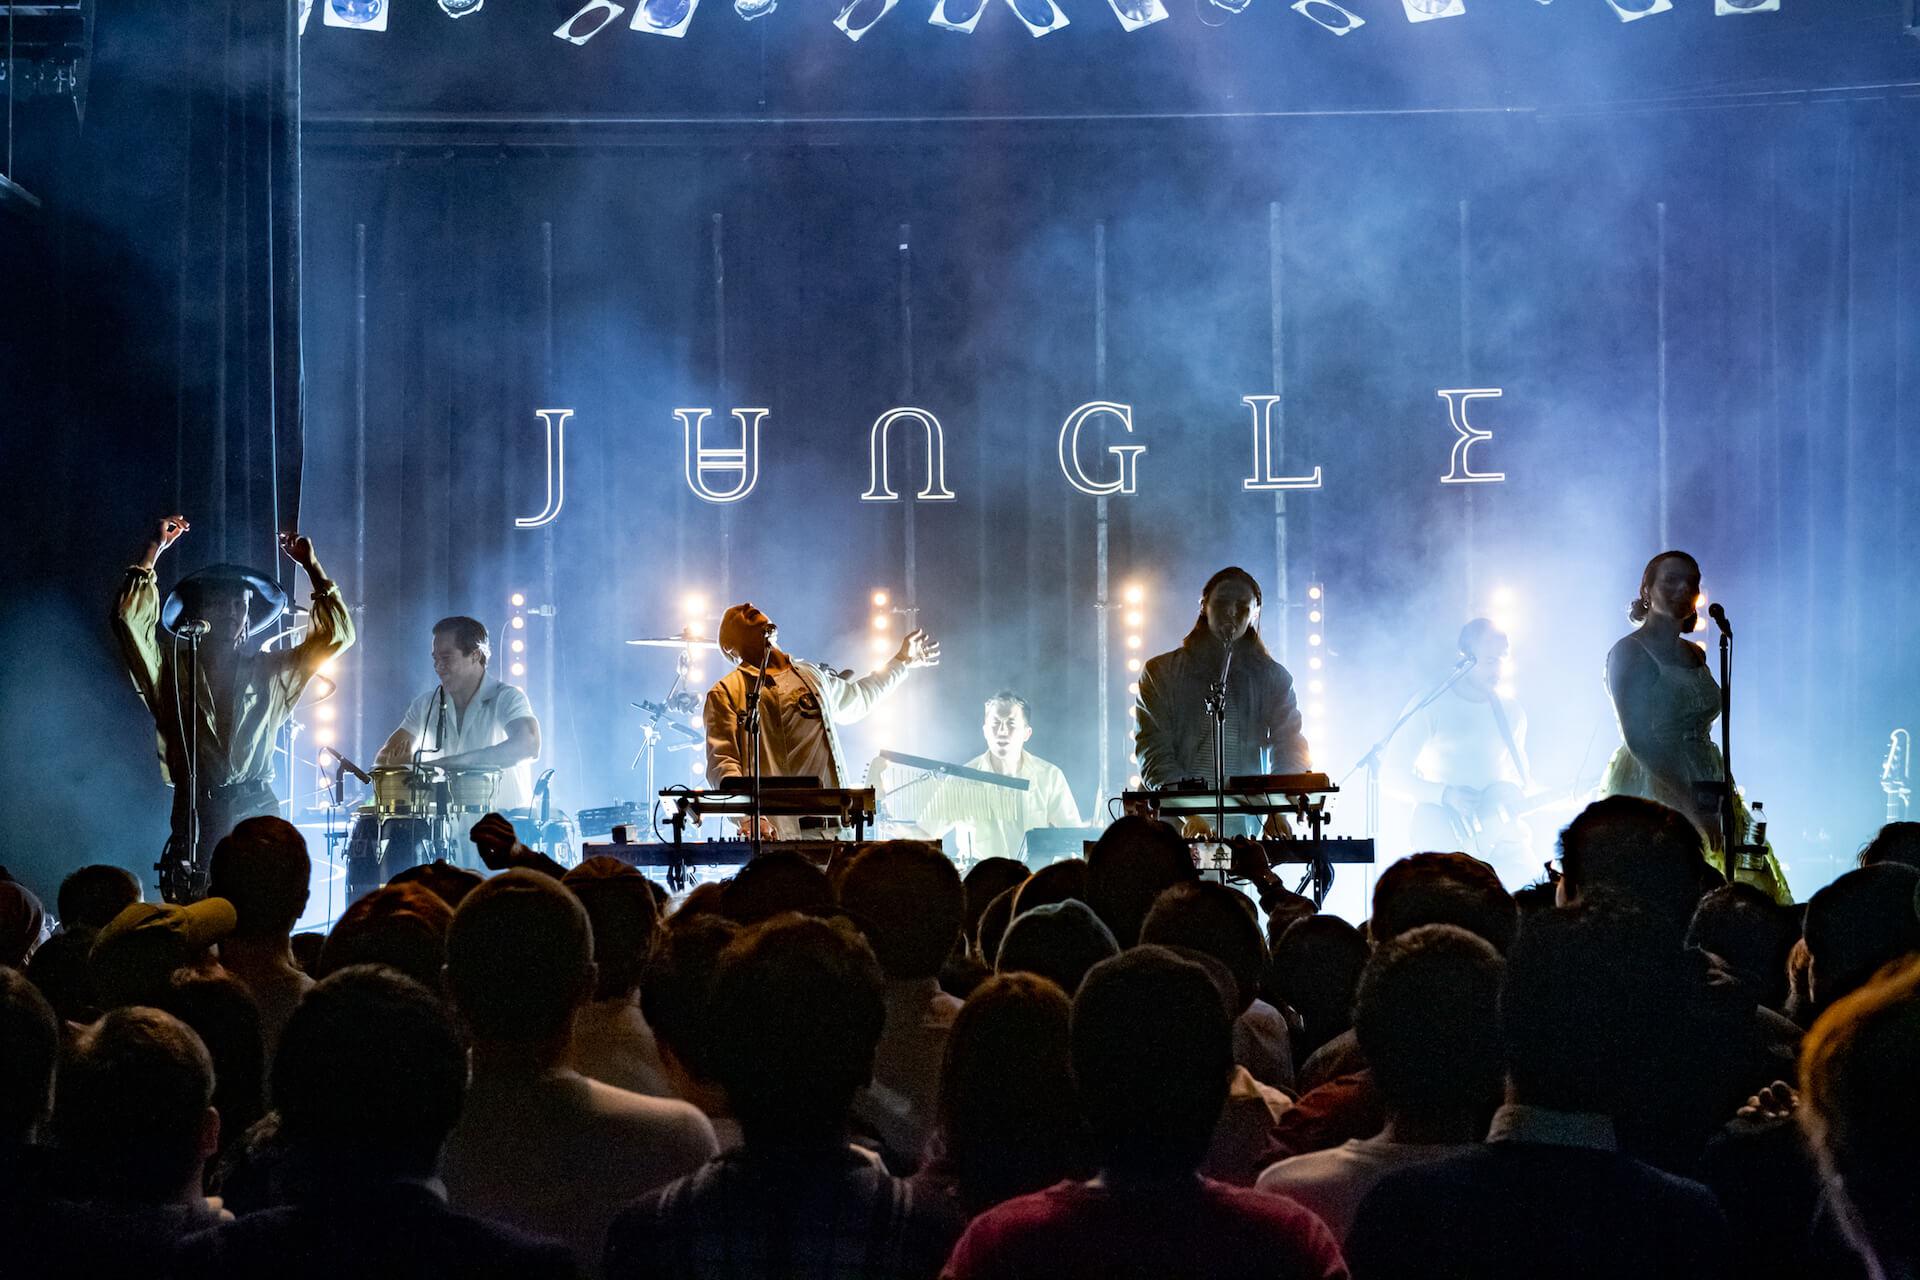 クールでセクシーなネオ・ソウルの誘惑。踊り酔いしれ乱れる夜!JUNGLE、単独公演のライブ・レポートが公開 music190226-jungle-5